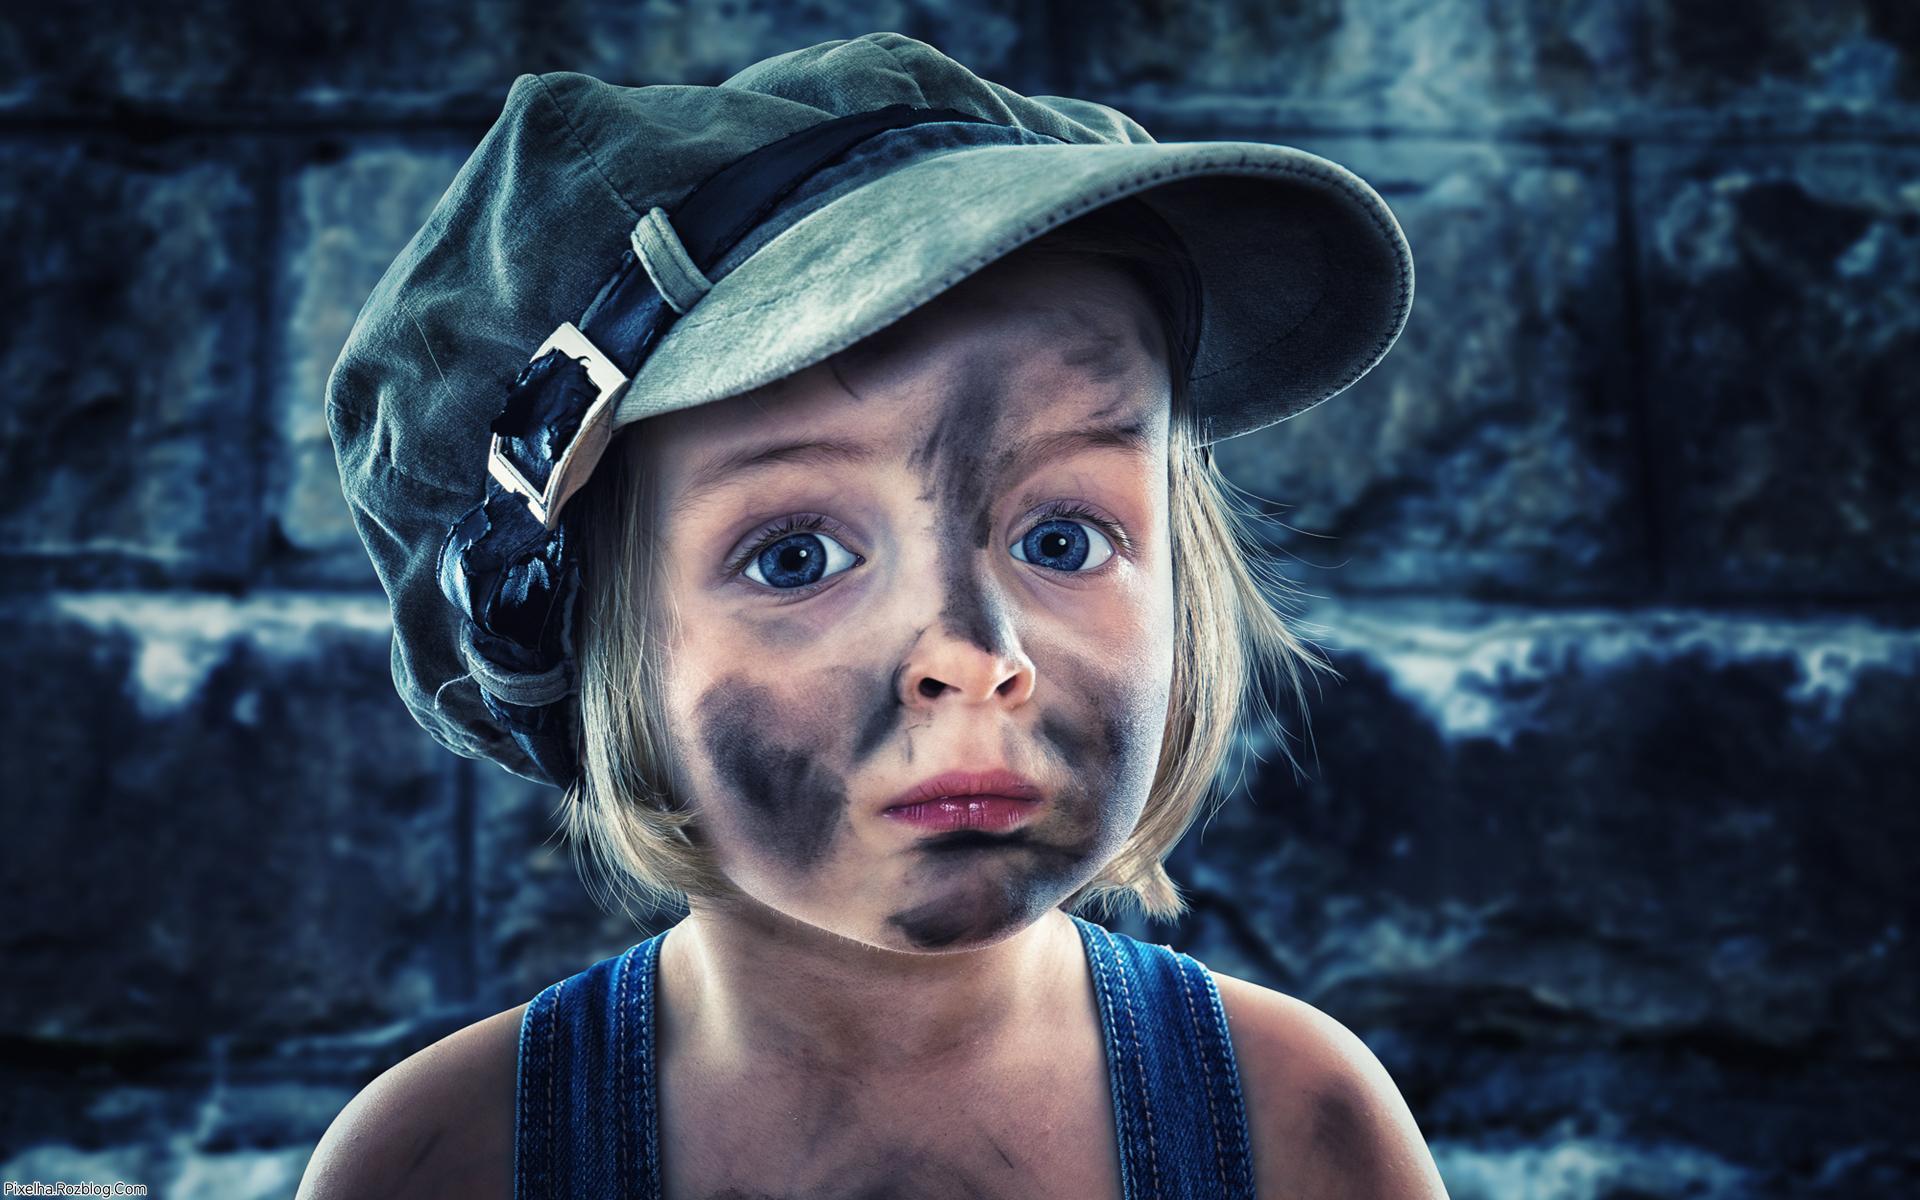 دختربچه کثیف همراه با کلاه